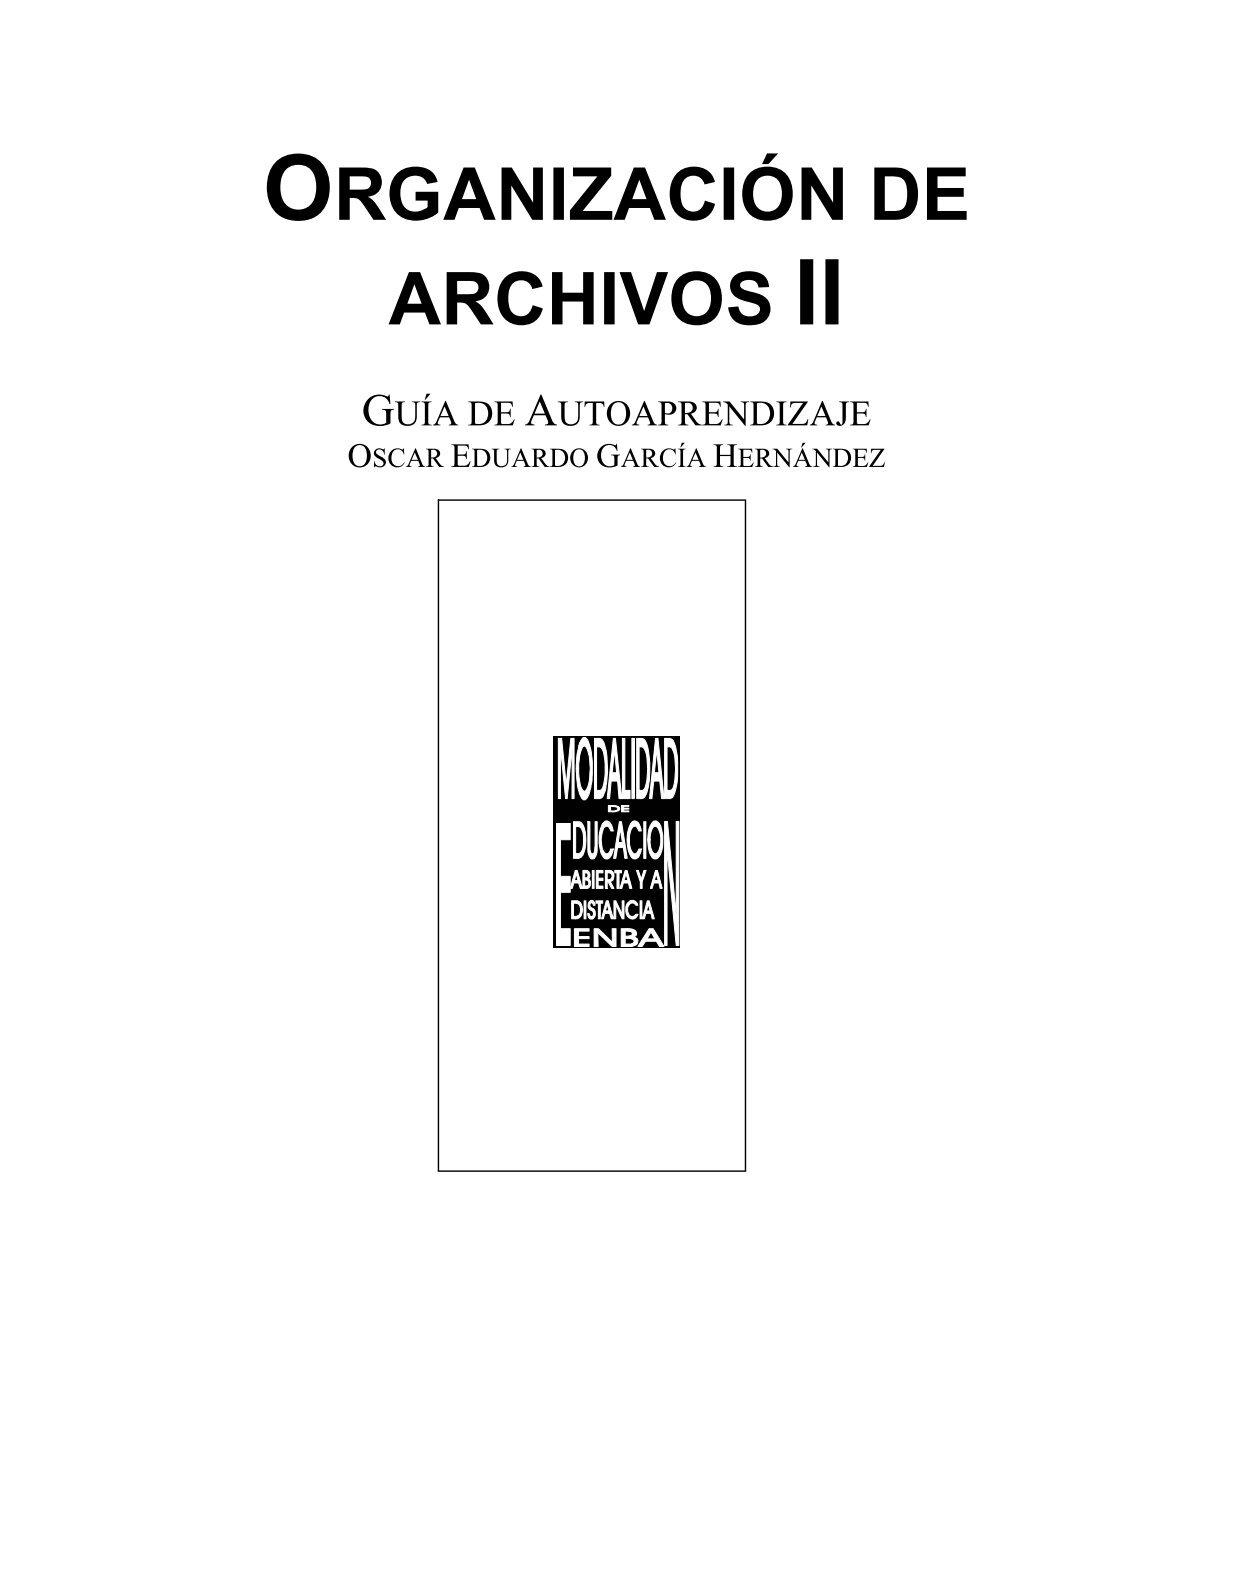 Adobe PDF, Job 10 - Escuela Nacional de Biblioteconomía y ...